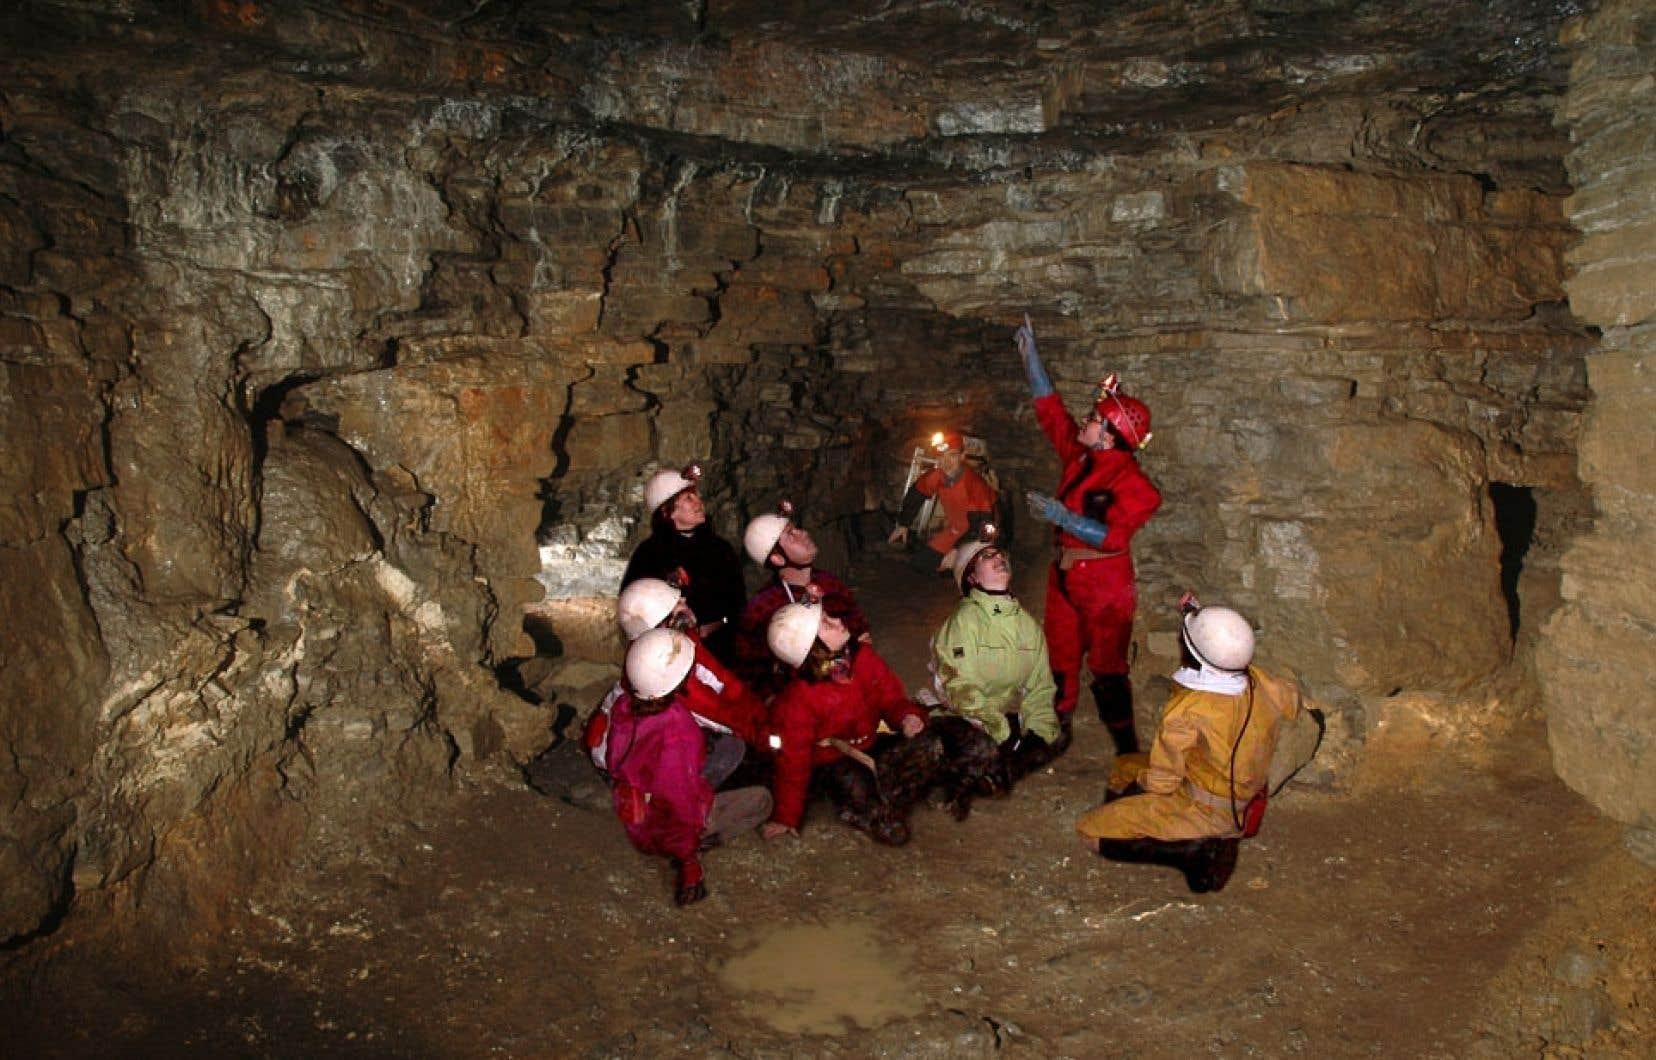 Surtout fréquentée par les groupes scolaires et les participants à des camps de jour, la caverne de Saint-Léonard est toutefois ouverte à tous. Le format miniature du site fait en sorte que les enfants peuvent, dès l'âge de six ans, circuler aisément dans les différents niveaux.